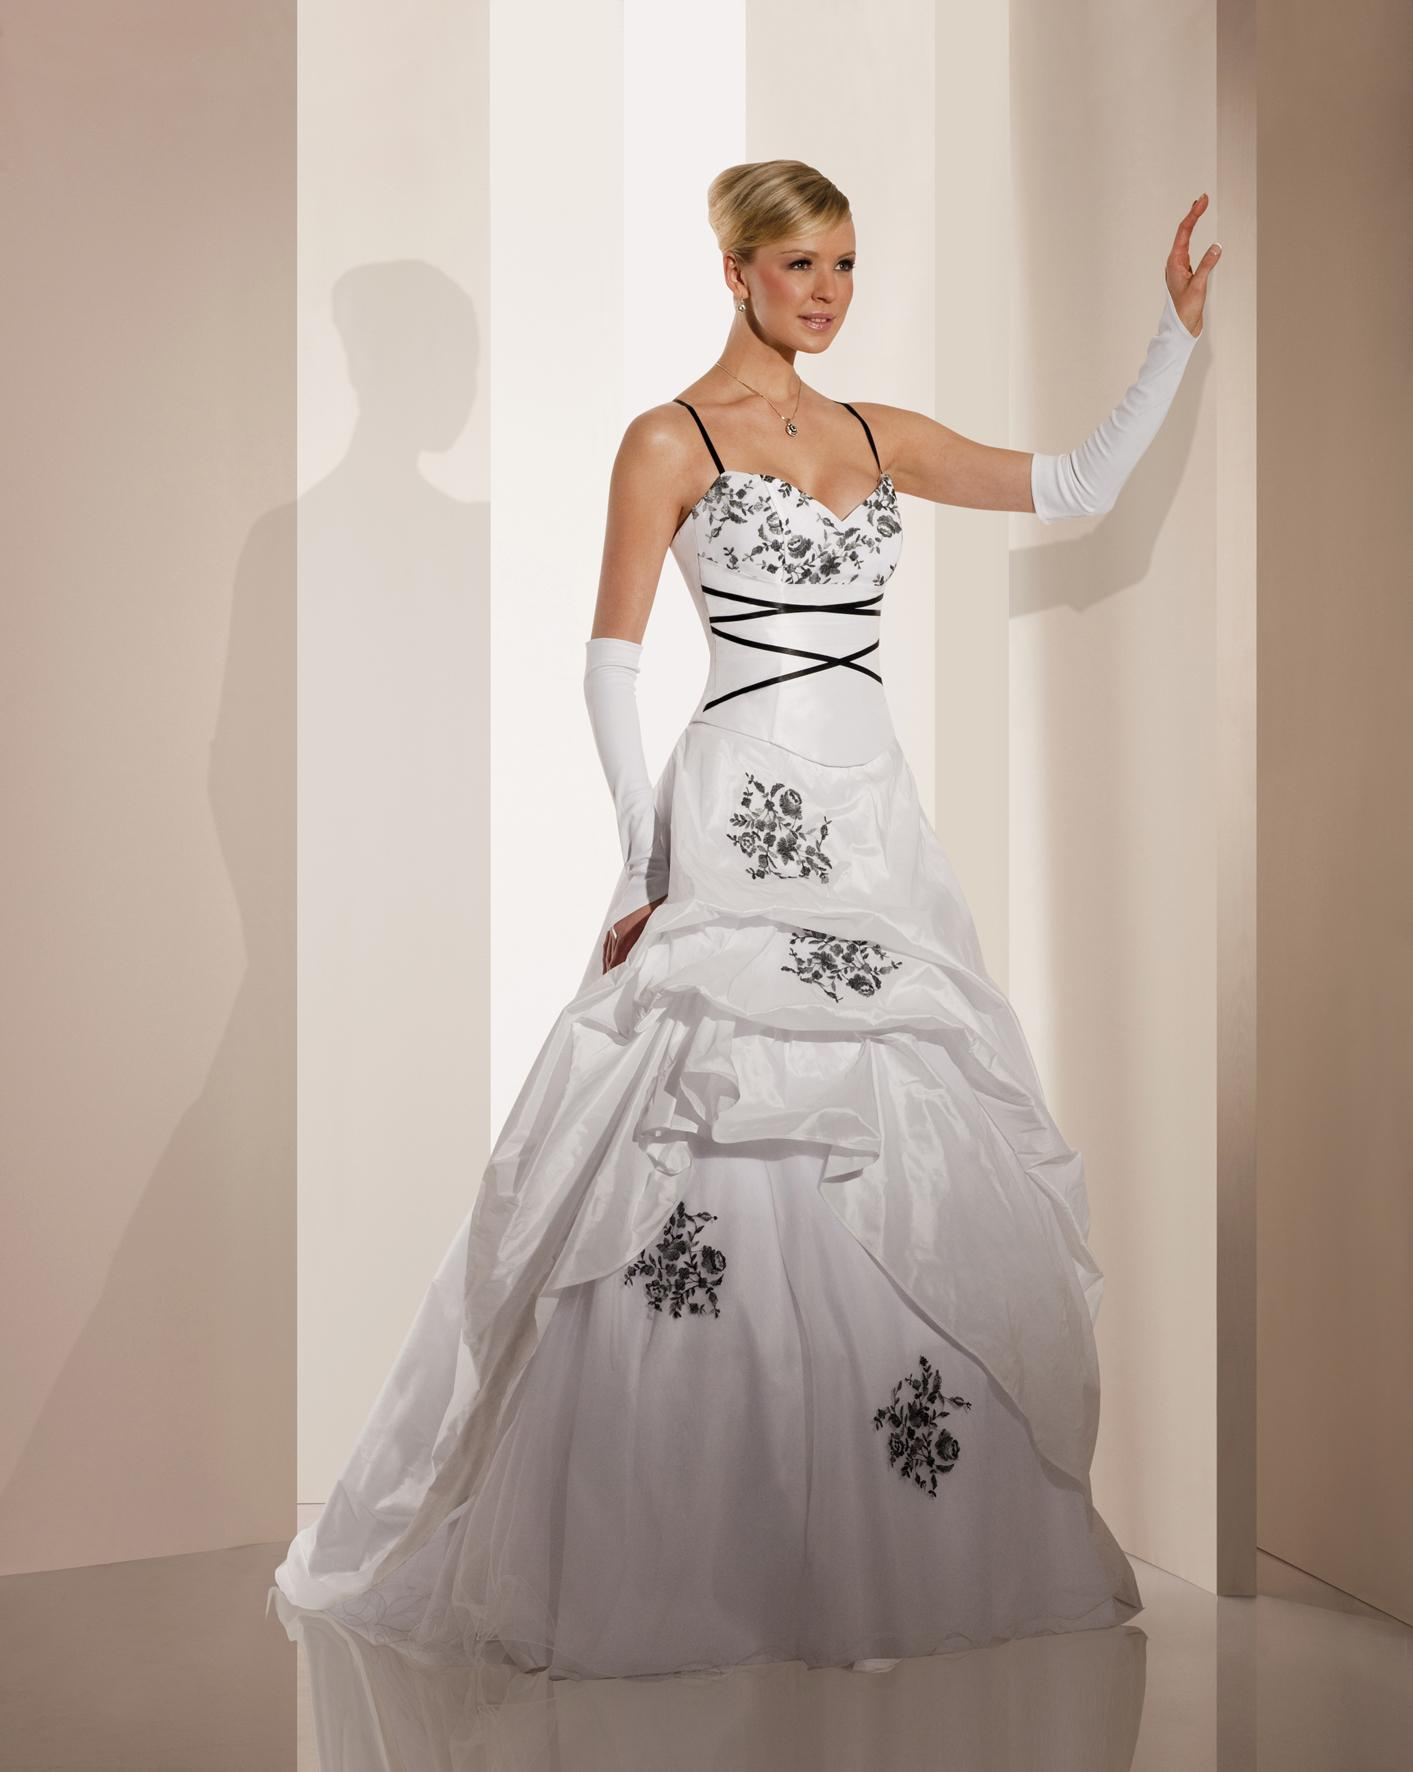 Robe de mariée noir et blanc